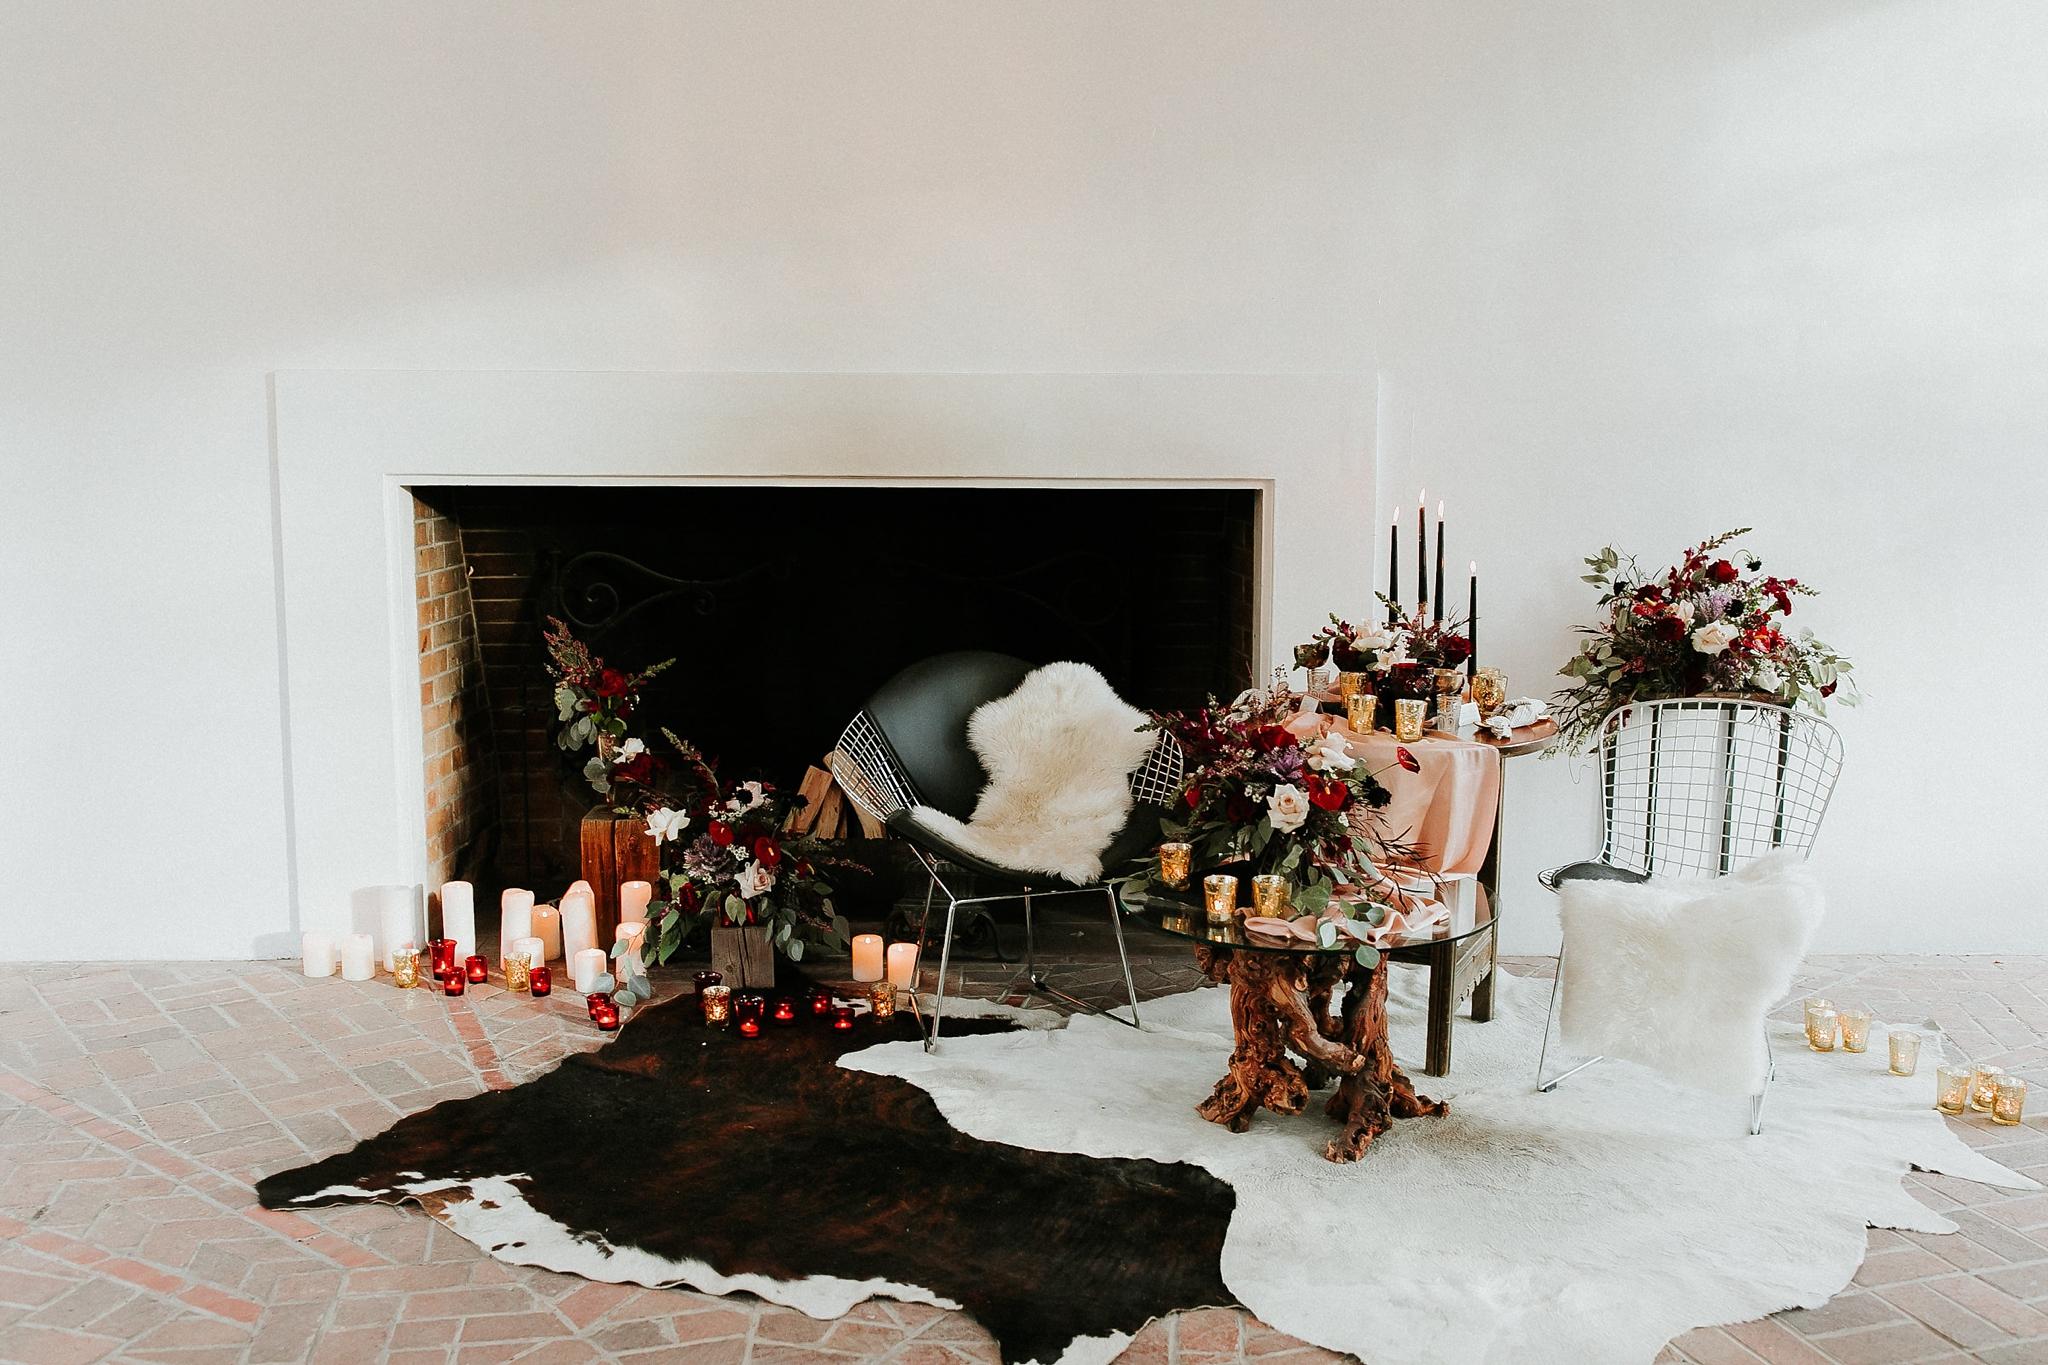 Alicia+lucia+photography+-+albuquerque+wedding+photographer+-+santa+fe+wedding+photography+-+new+mexico+wedding+photographer+-+new+mexico+wedding+-+new+mexico+wedding+-+wedding+planner+-+wedding+rentals+-+new+mexico+wedding+vendor_0026.jpg